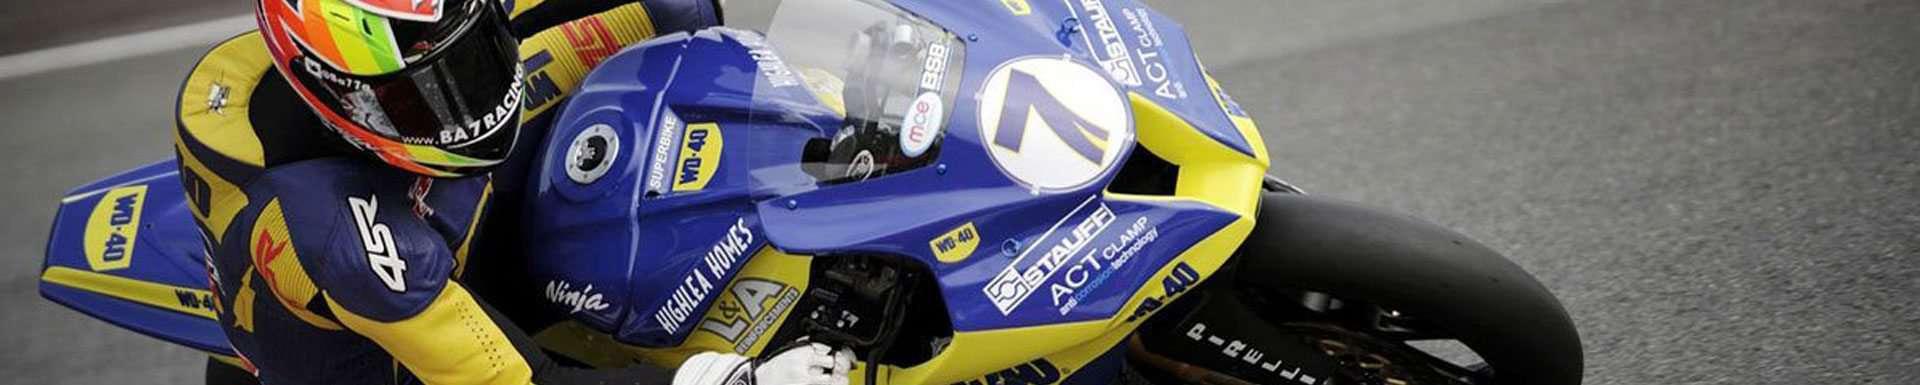 banner-motorbike-1920x385